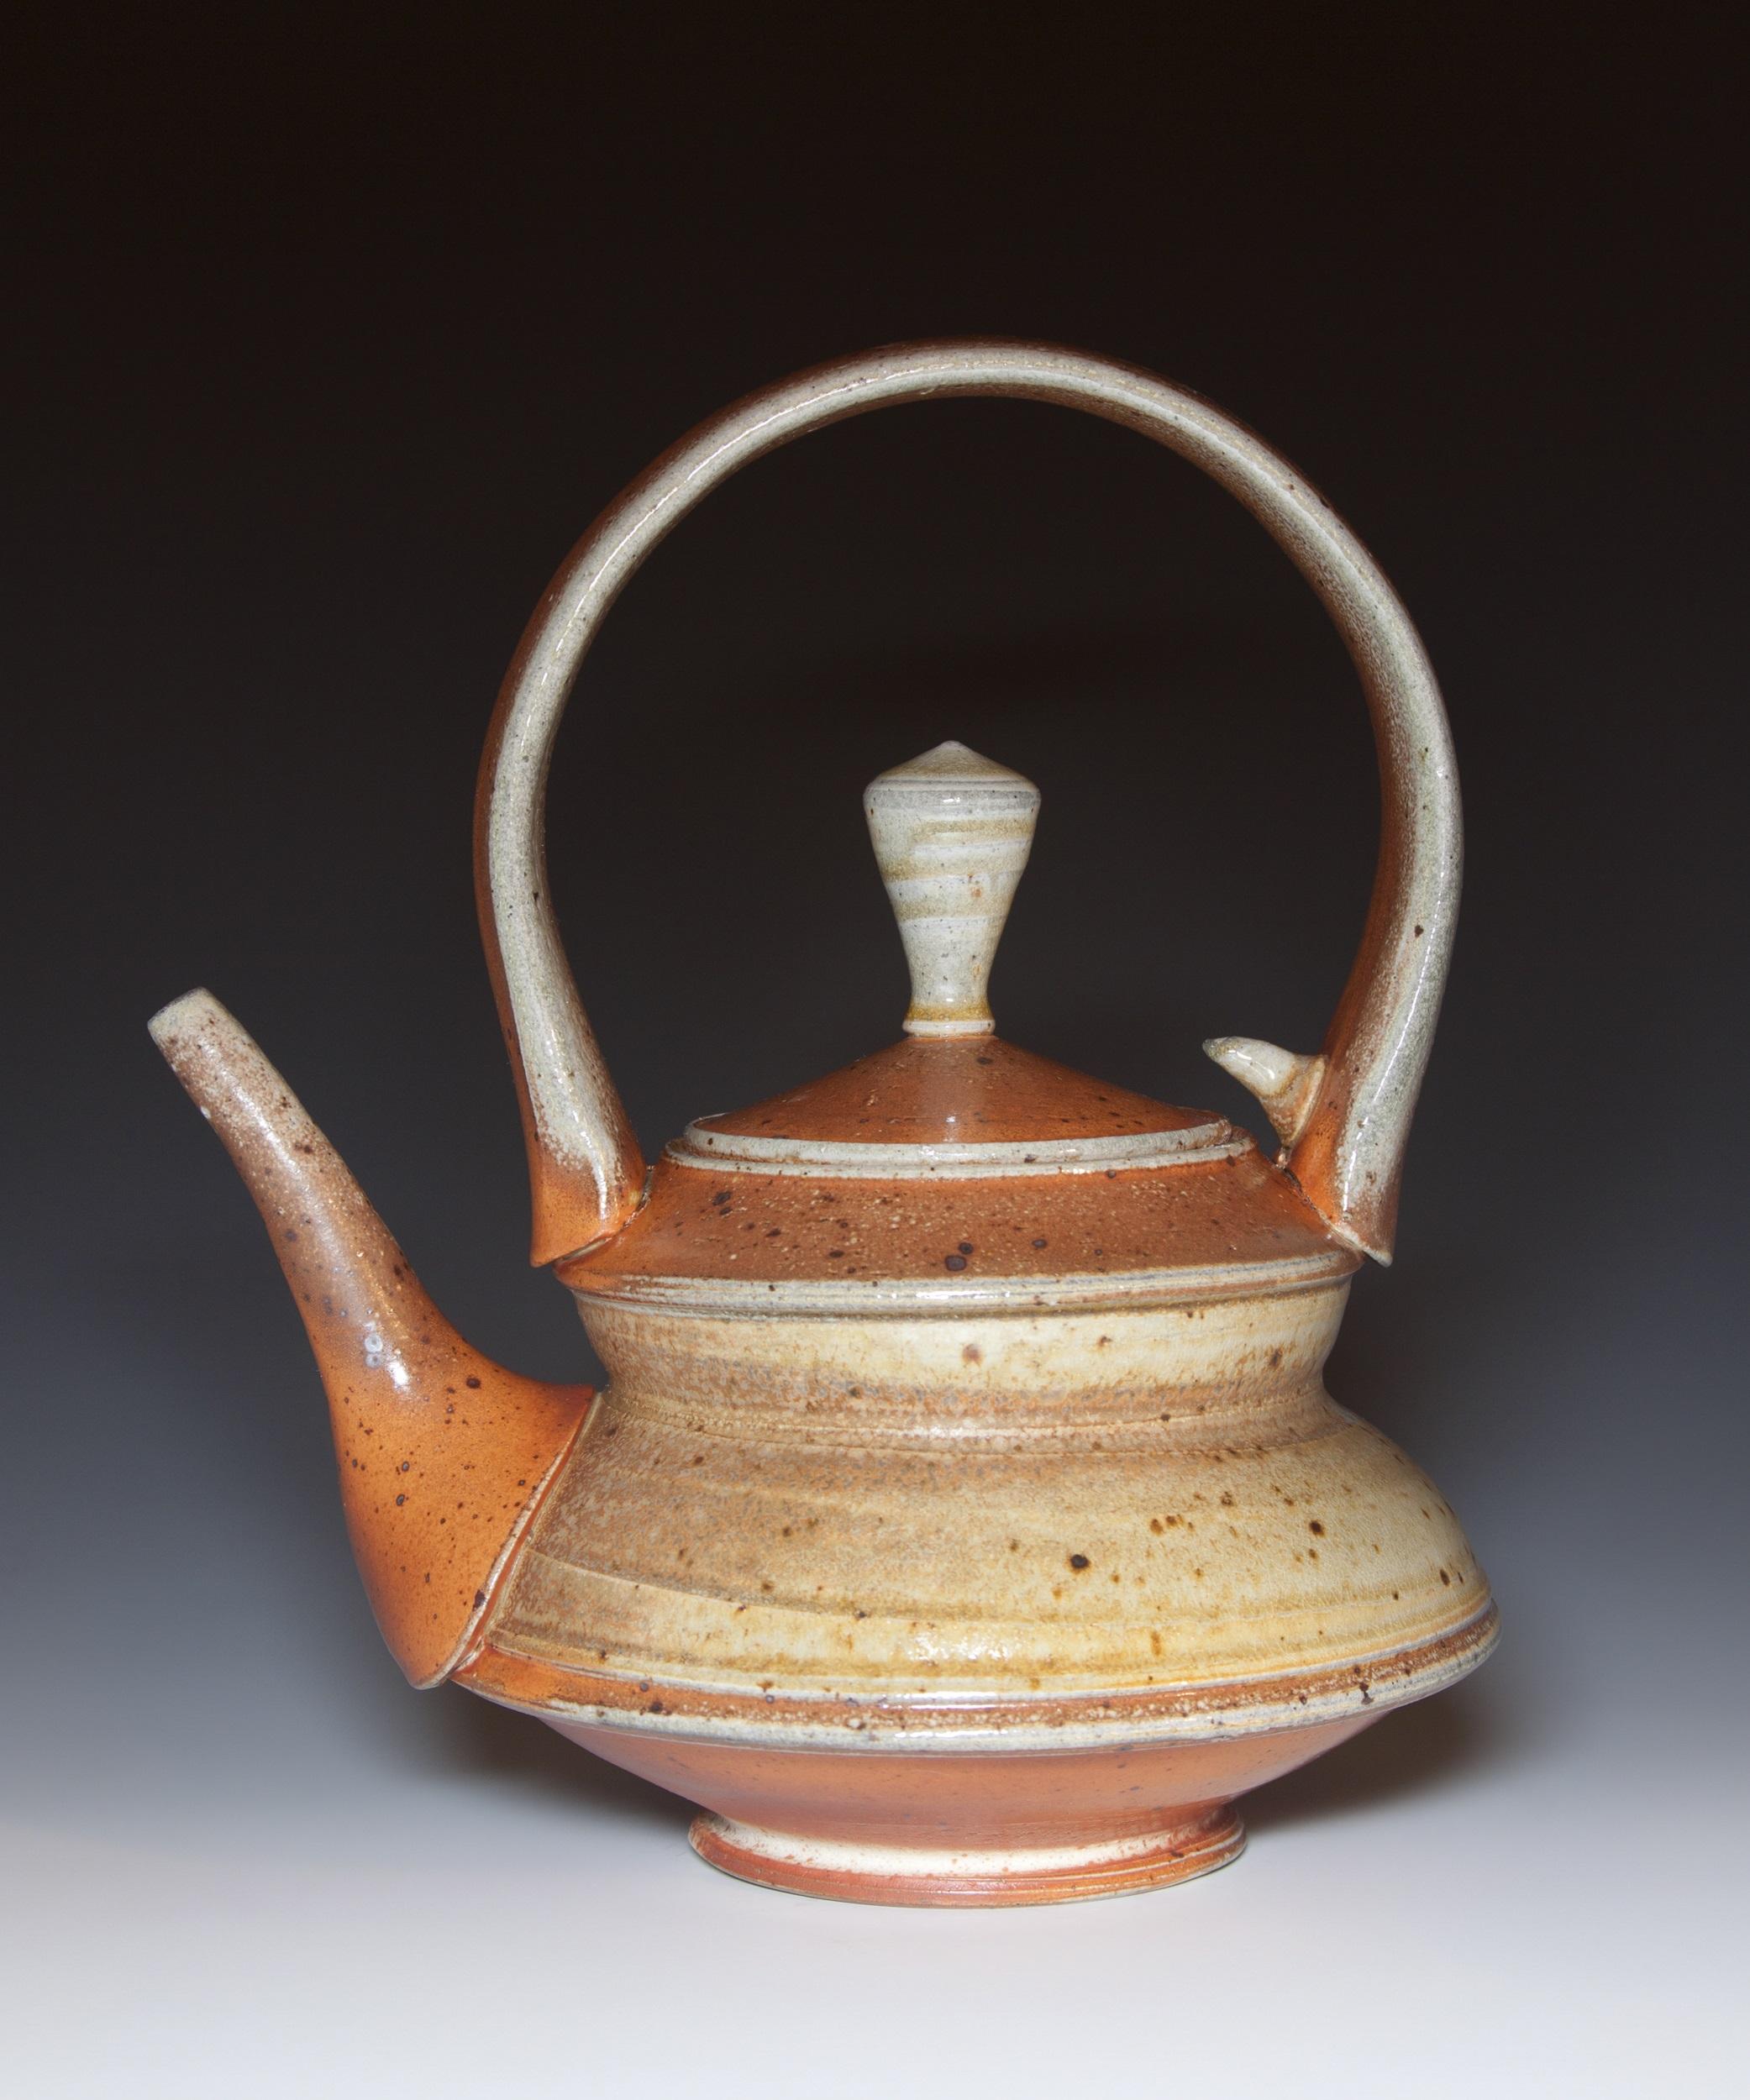 Mike Jabbur - Teapot